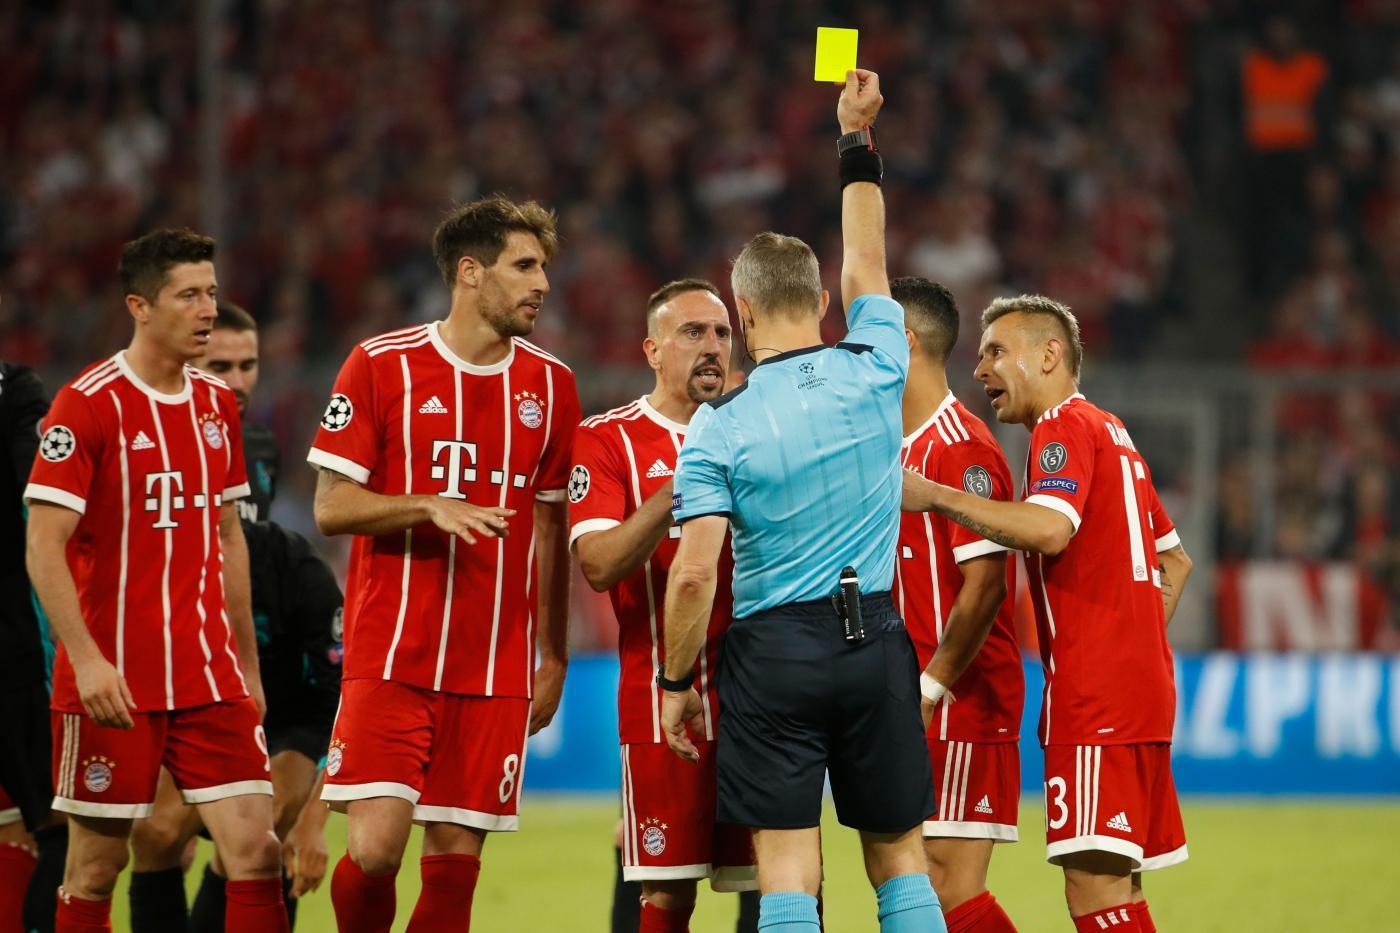 Bundesliga, Bayern-Monchengladbach 6 ottobre: analisi e pronostico della giornata della massima divisione calcistica tedesca